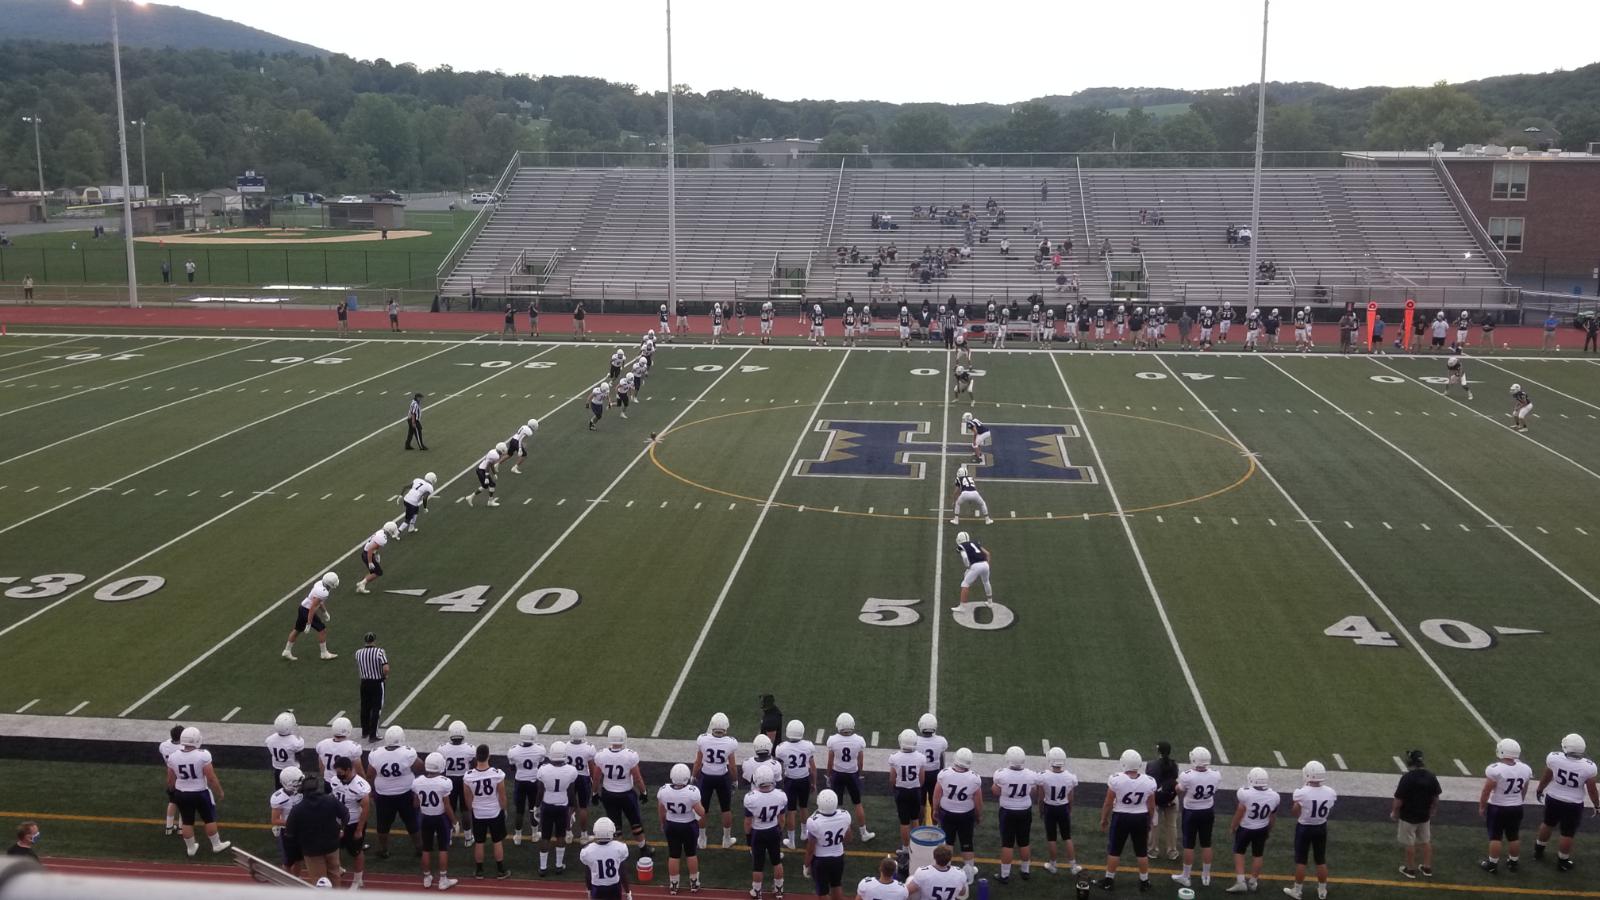 Baldwin vs. Hollidaysburg, Hollidaysburg High School (09/11/20)